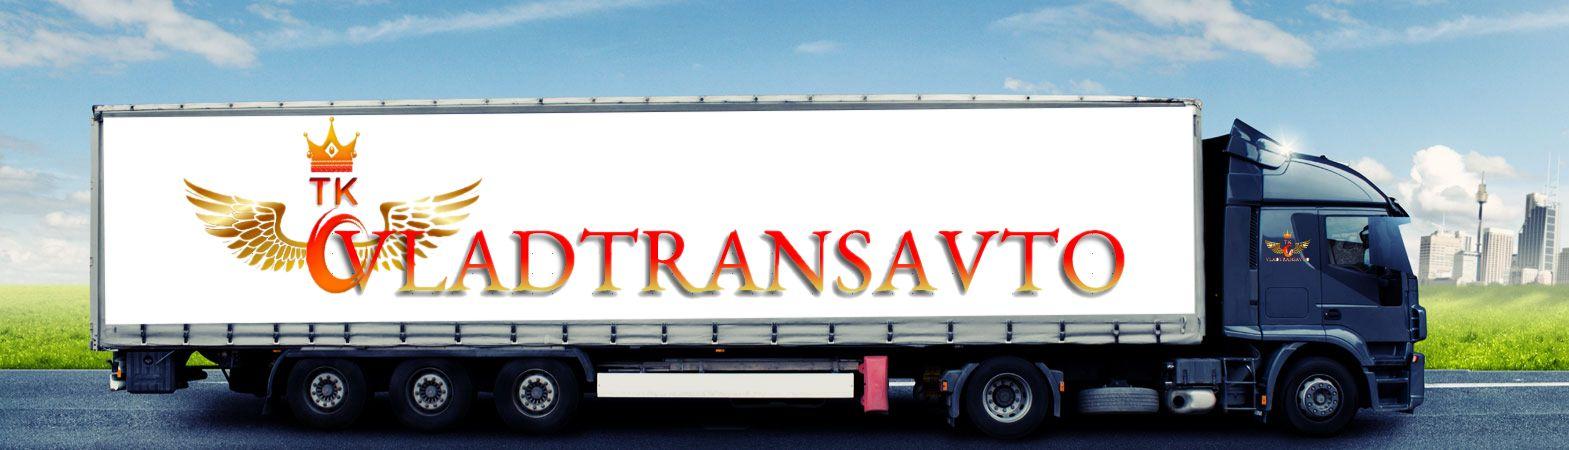 Логотип и фирменный стиль для транспортной компании Владтрансавто фото f_7055cdf2ad77fa23.jpg